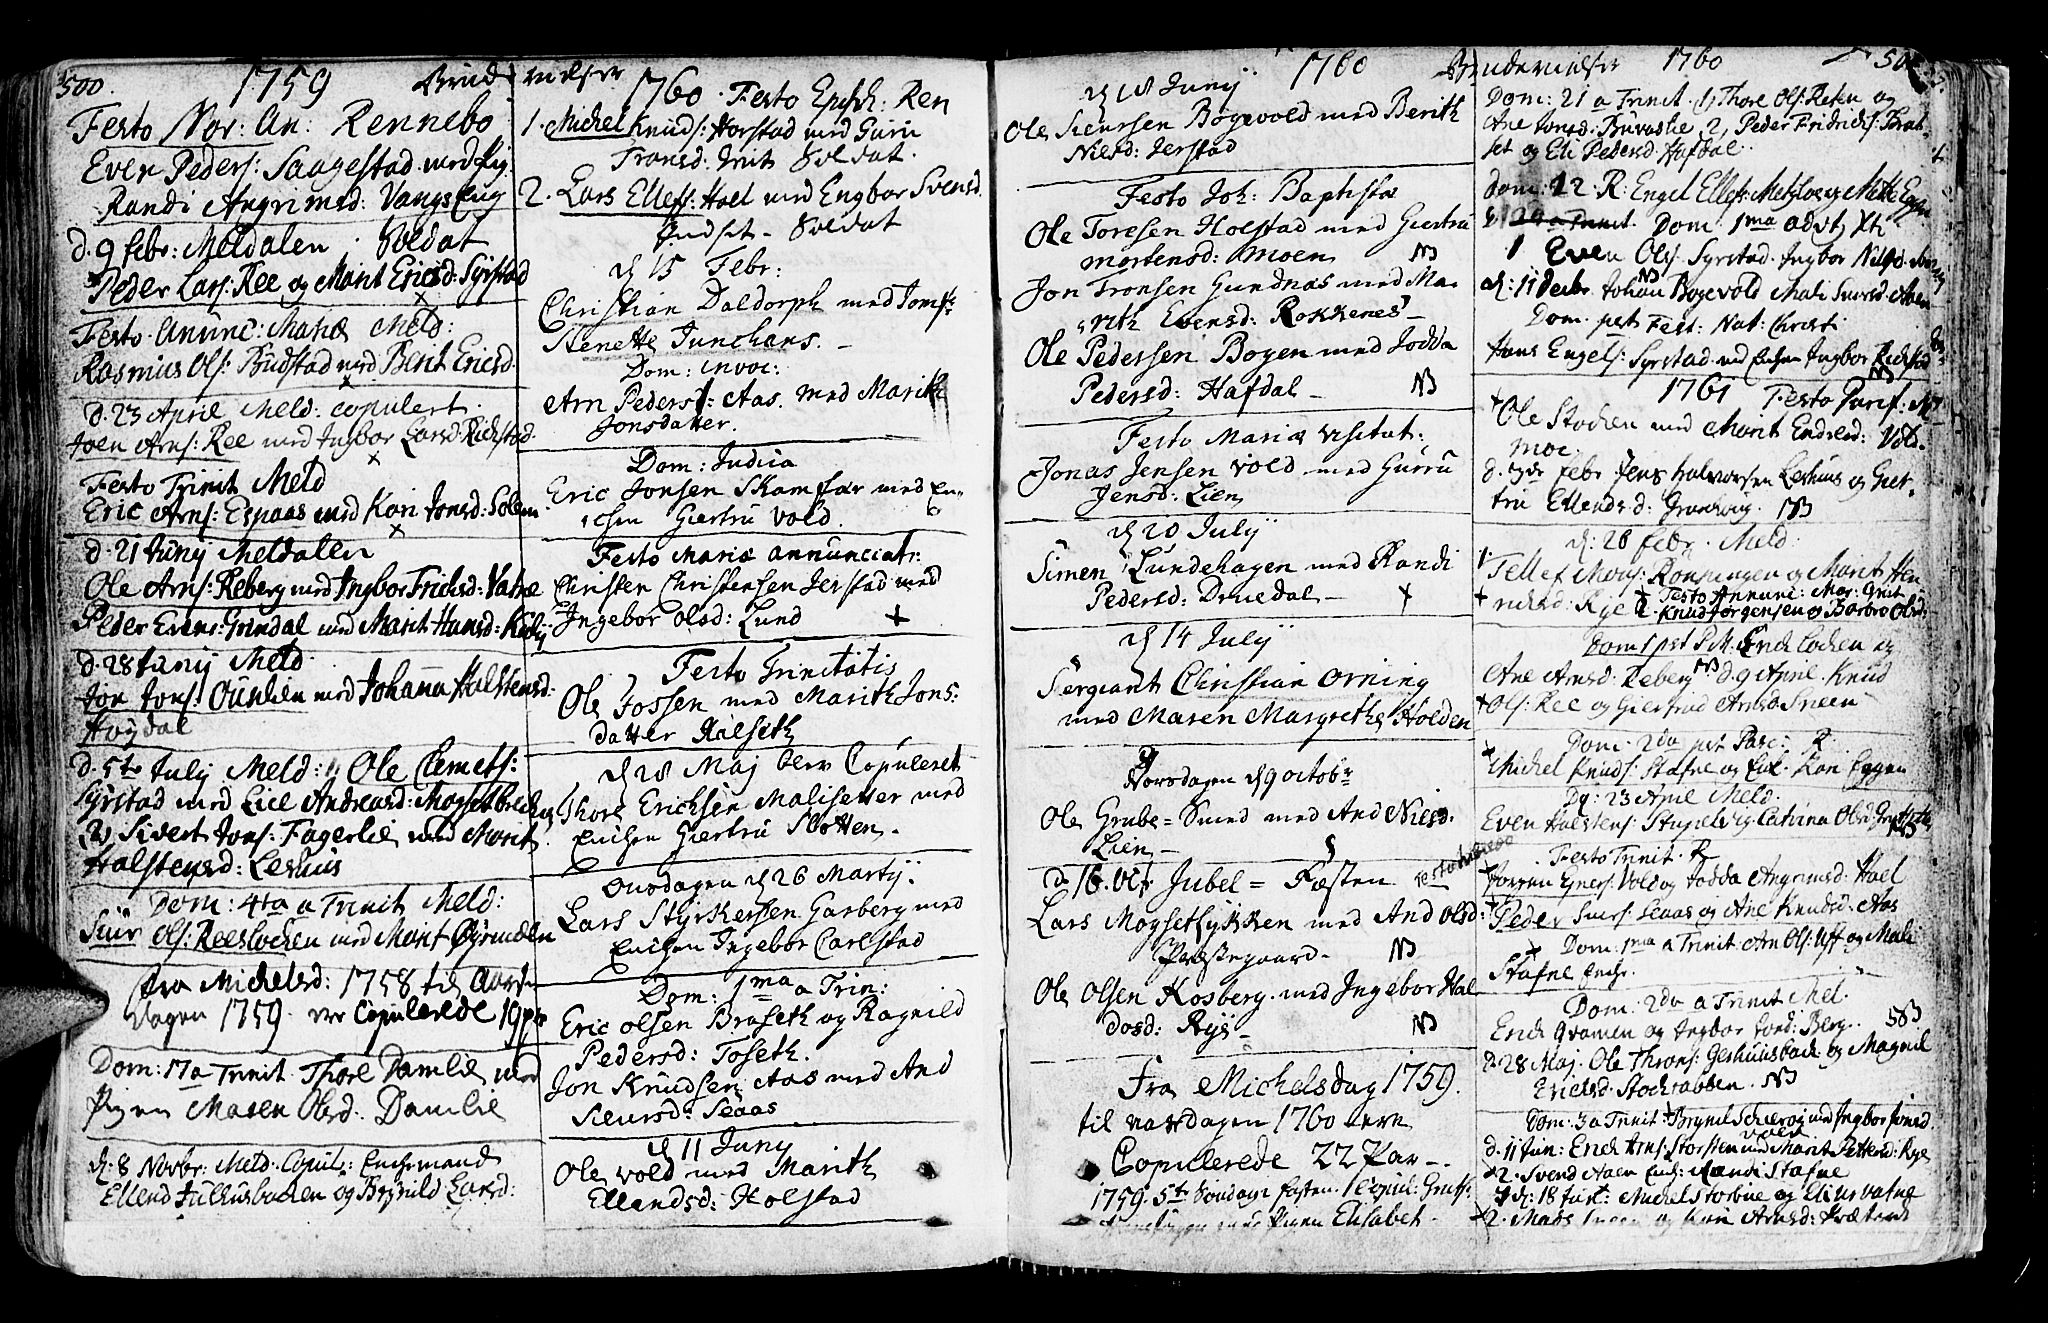 SAT, Ministerialprotokoller, klokkerbøker og fødselsregistre - Sør-Trøndelag, 672/L0851: Ministerialbok nr. 672A04, 1751-1775, s. 500-501